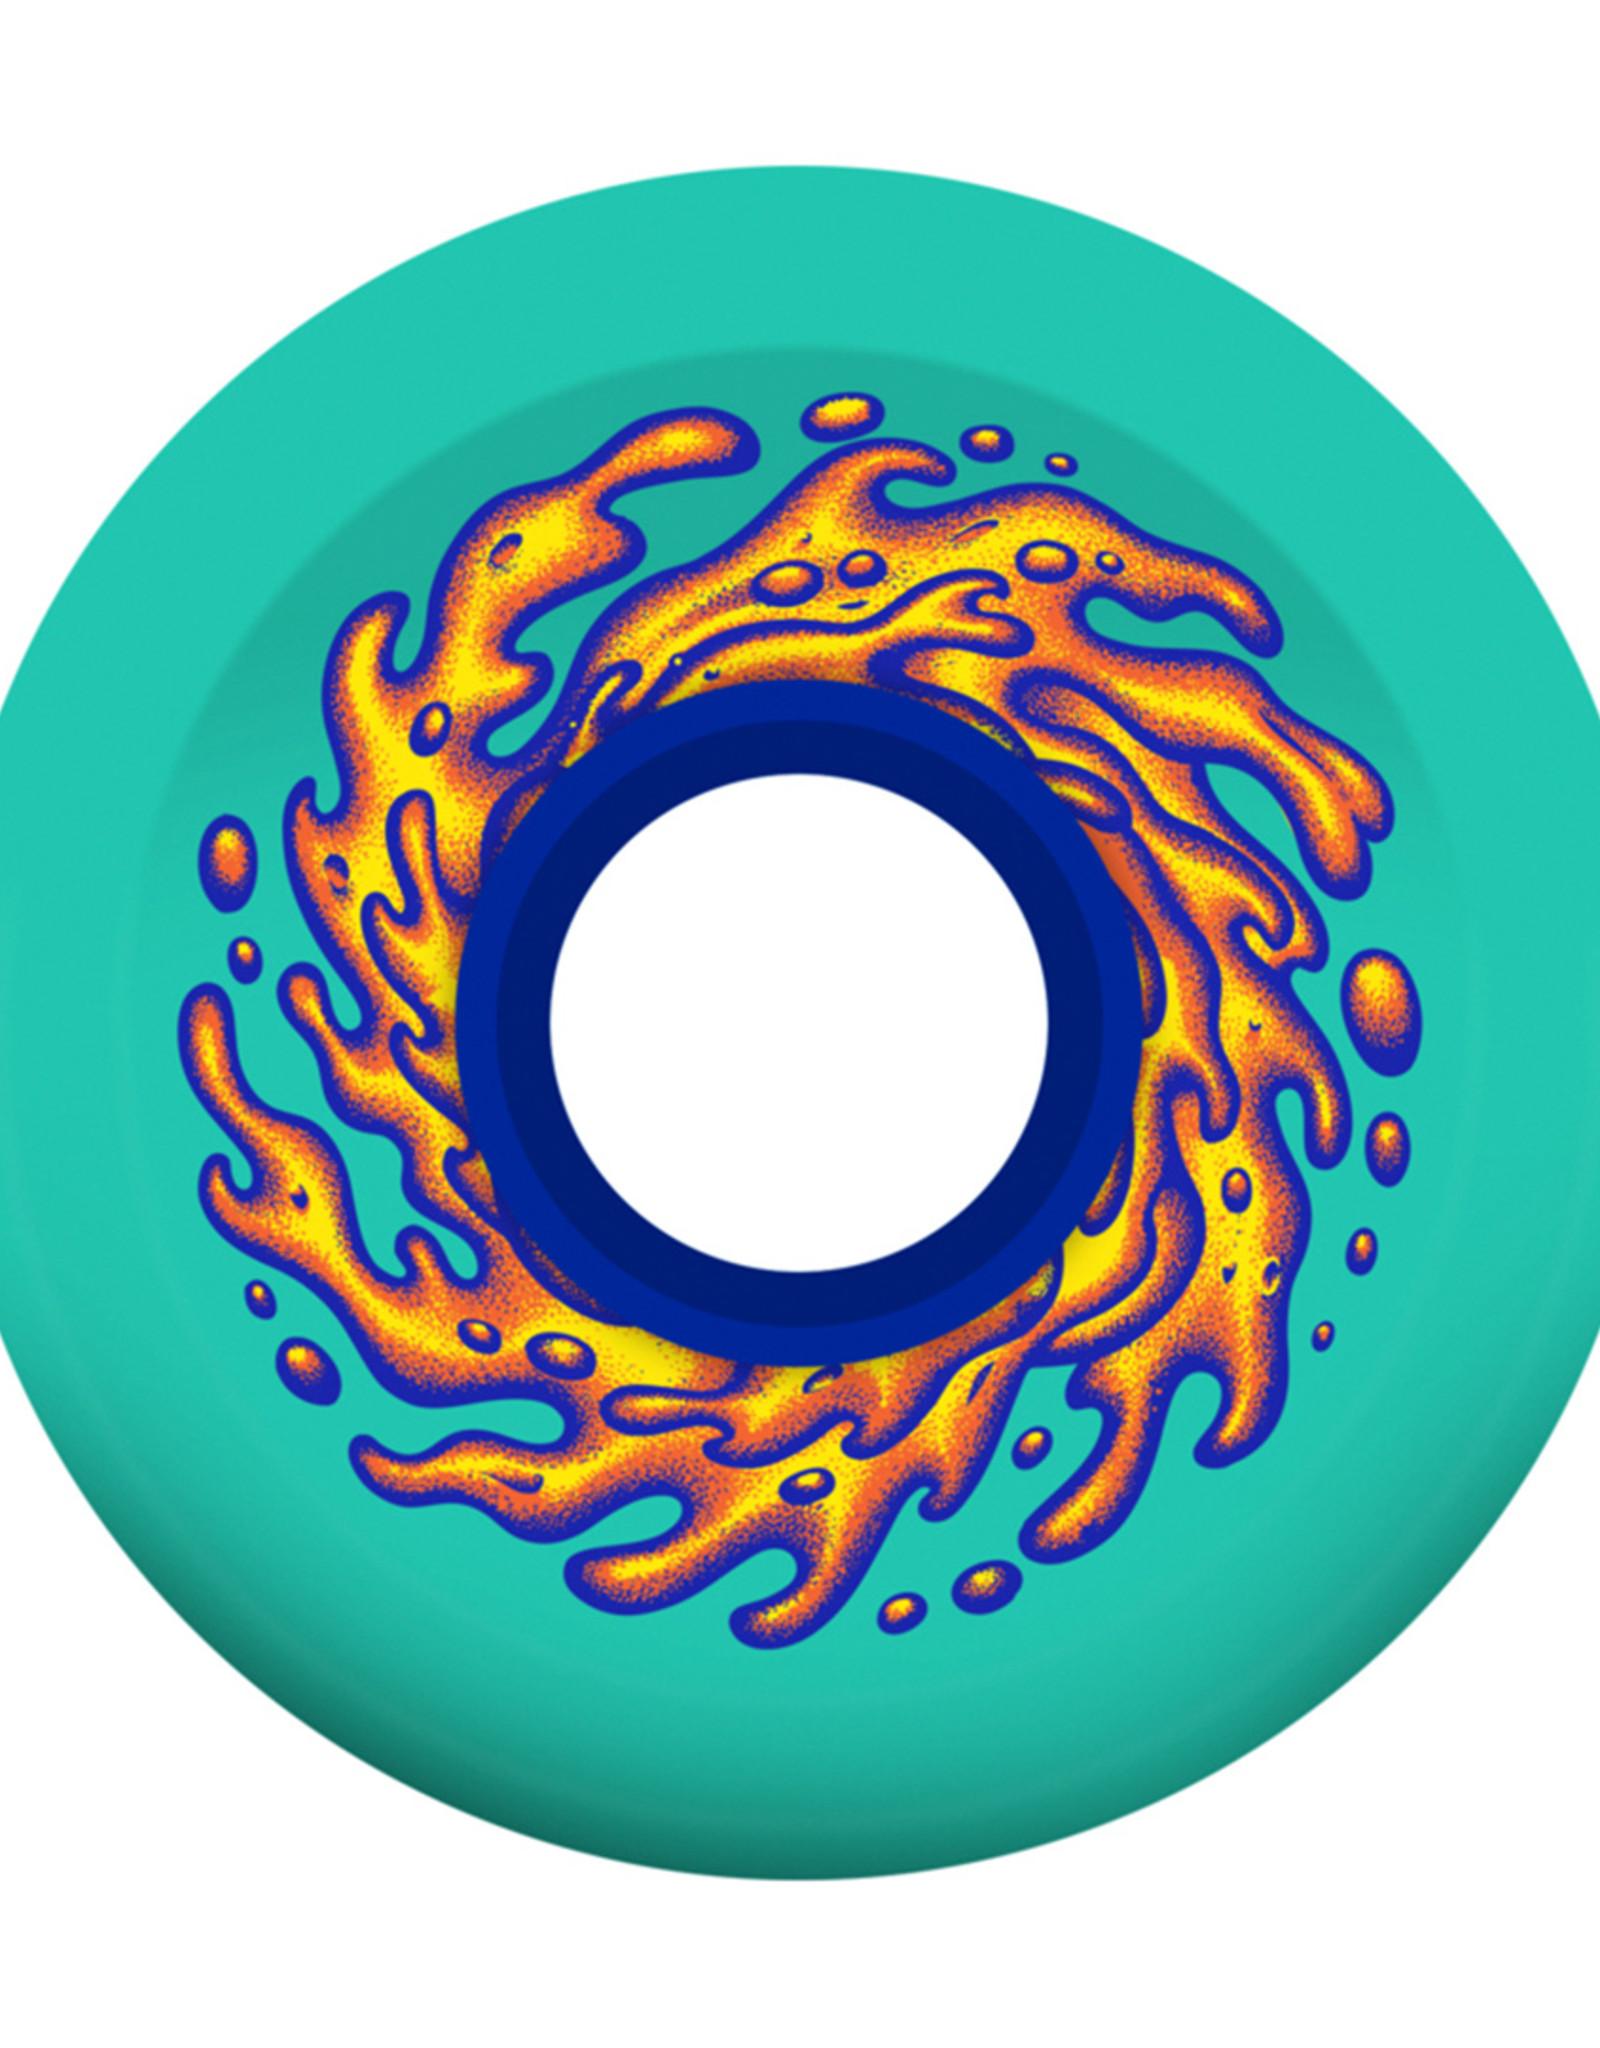 Slimeballs SLIME BALLS WHEELS OG SLIME GRN 78A 60mm